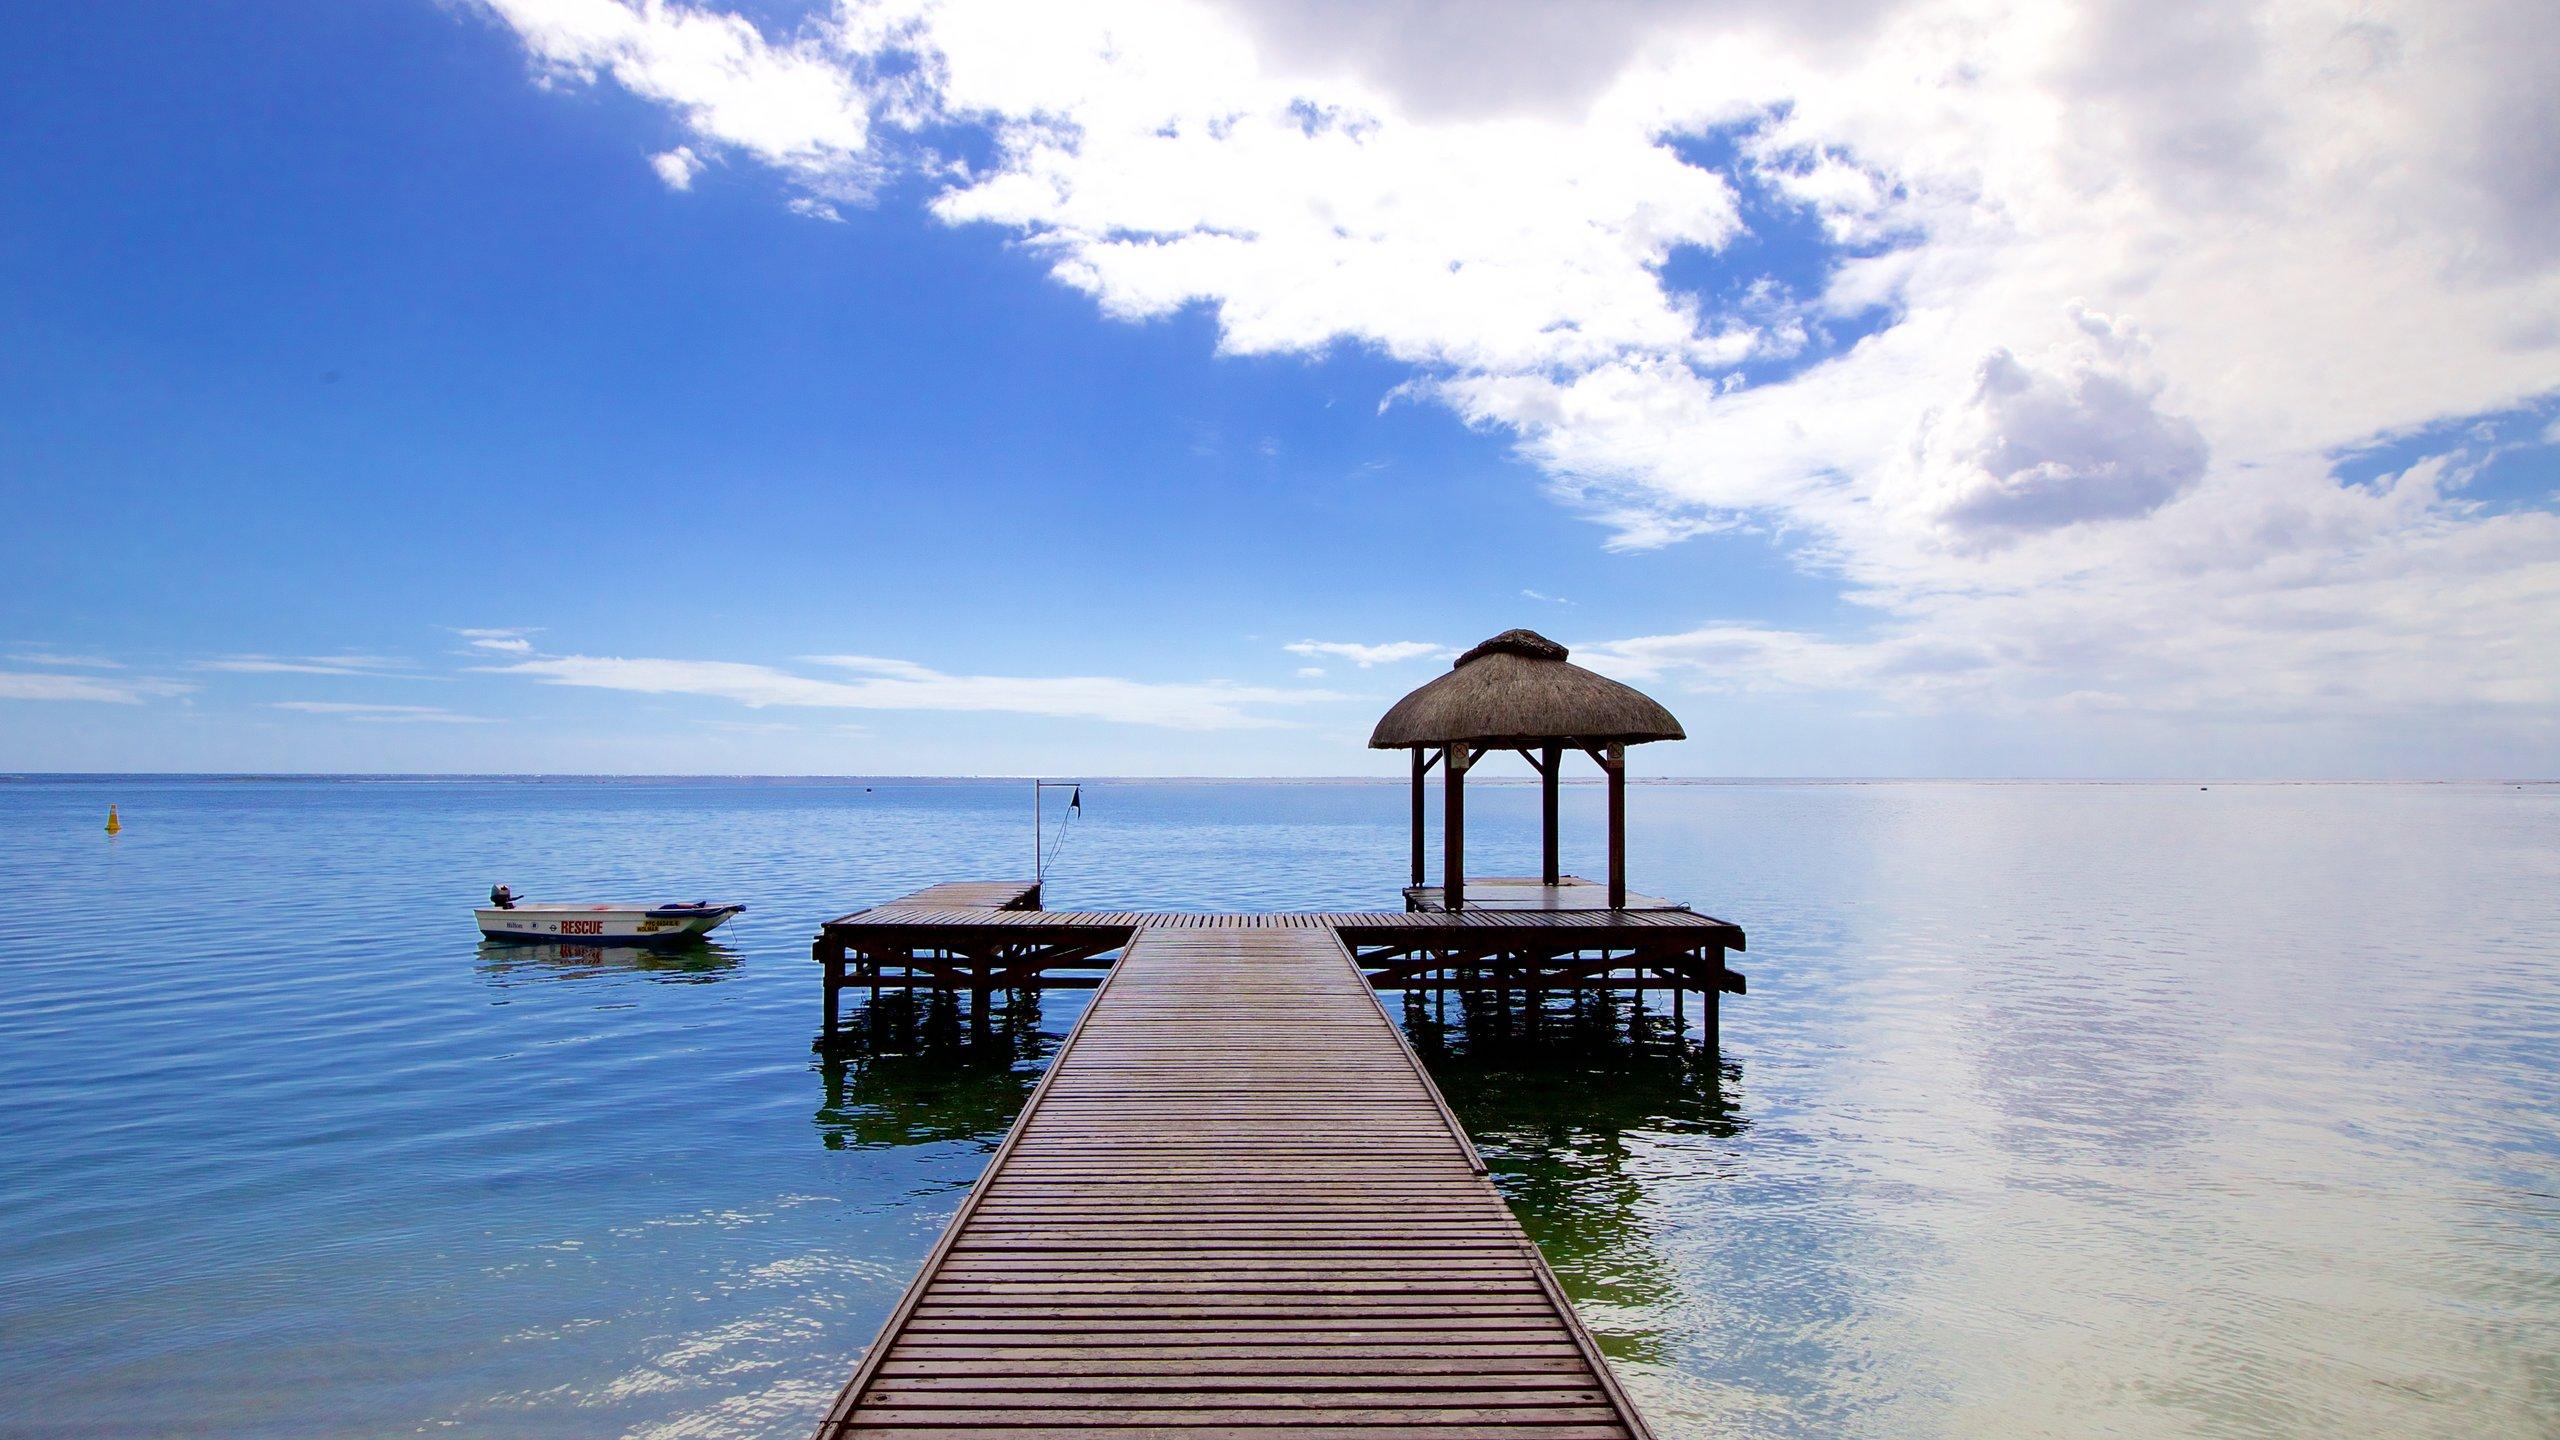 Rivière Noire District, Mauritius